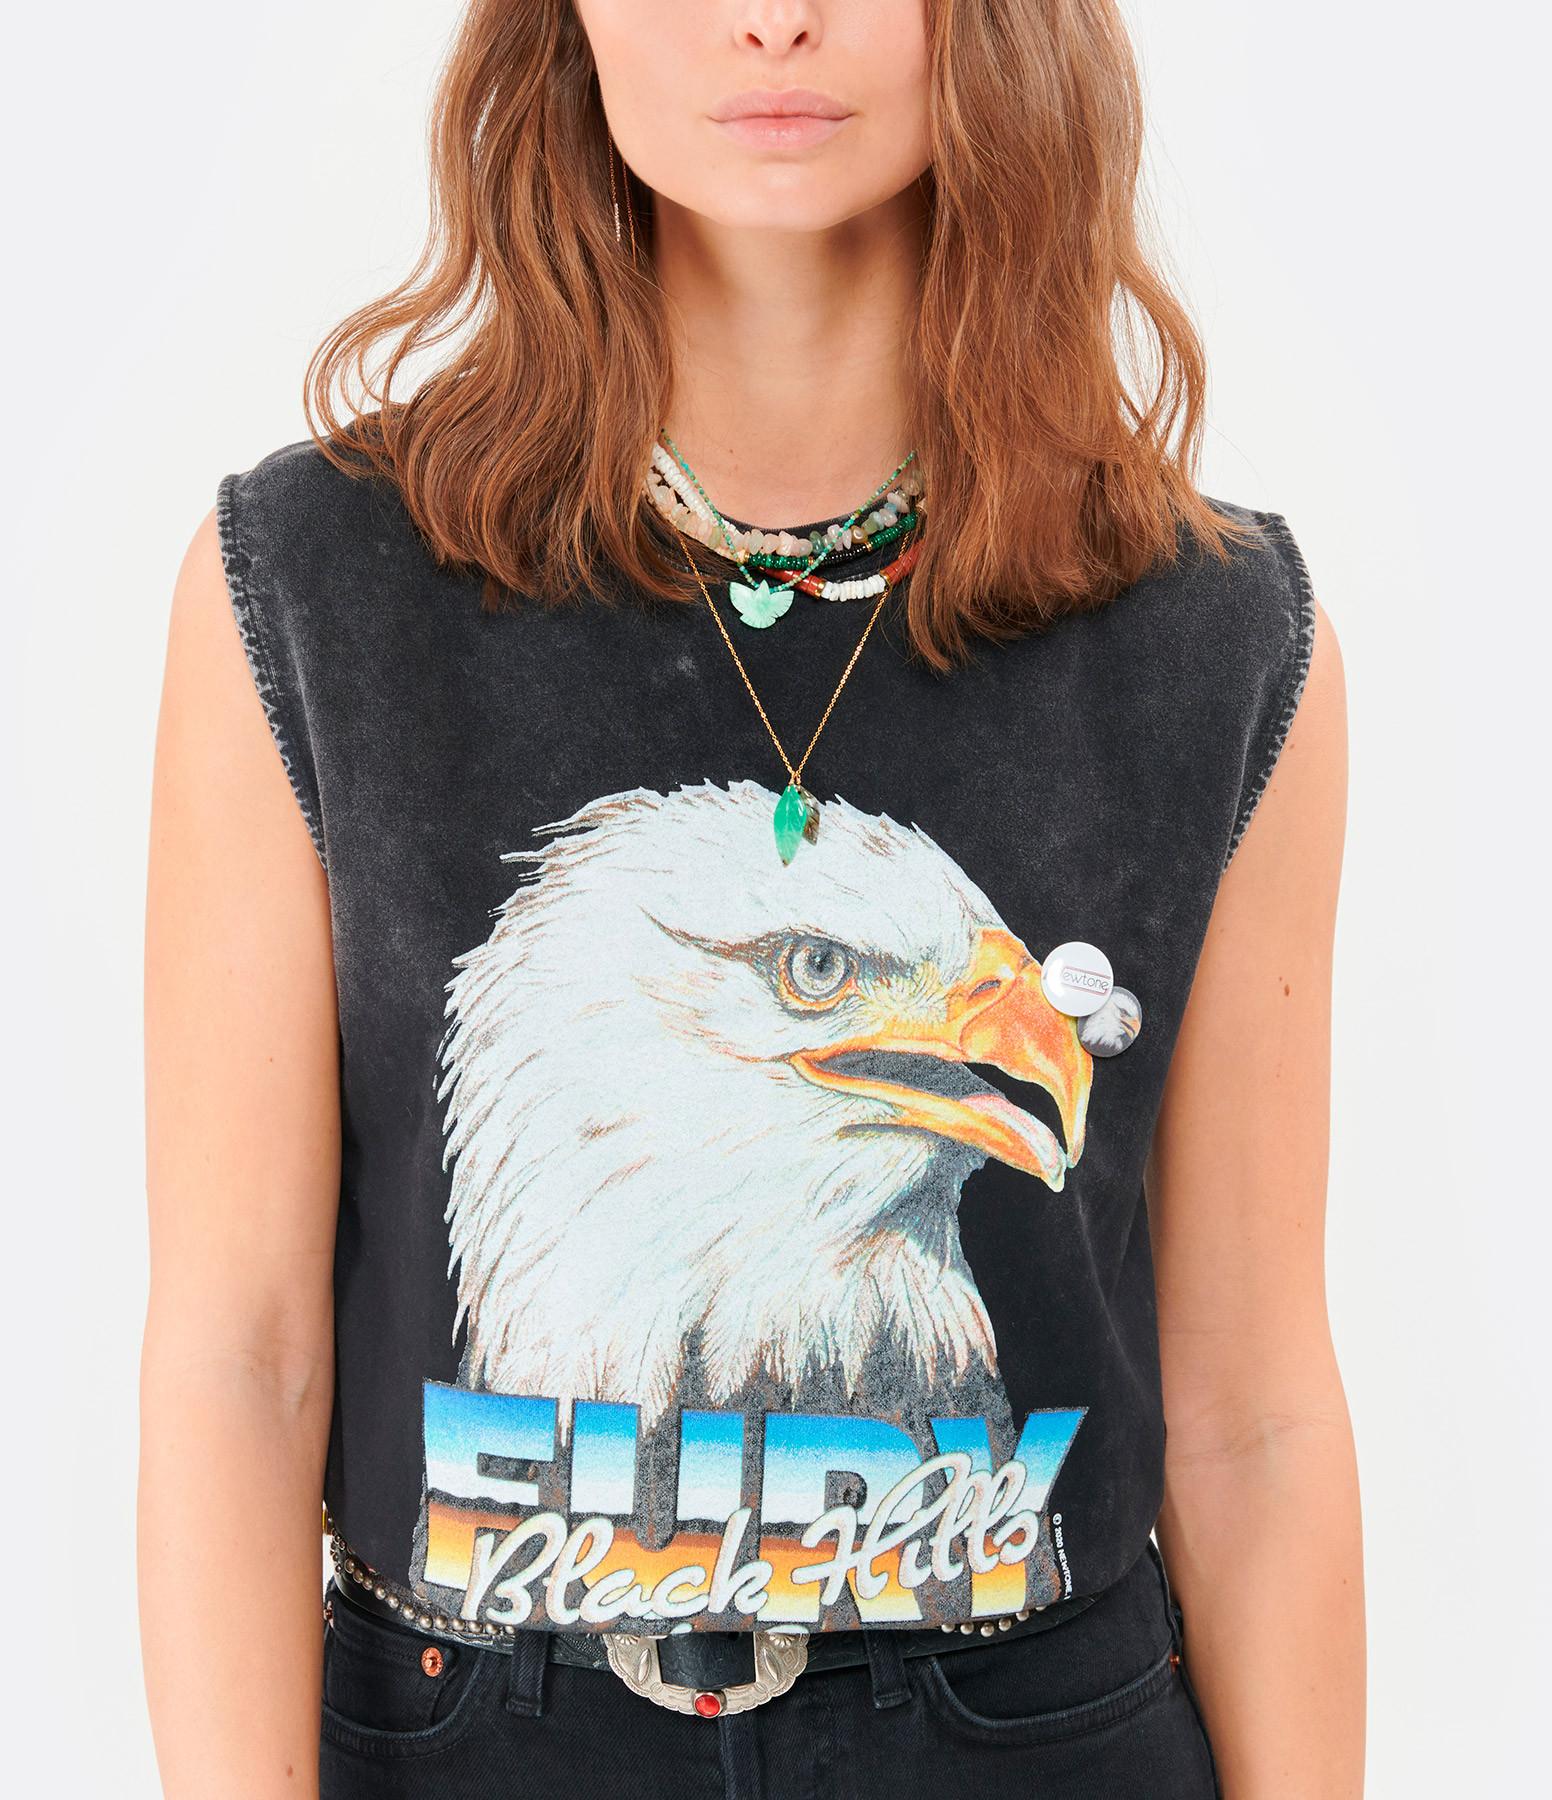 NEWTONE - Tee-shirt Biker Hills Coton Noir